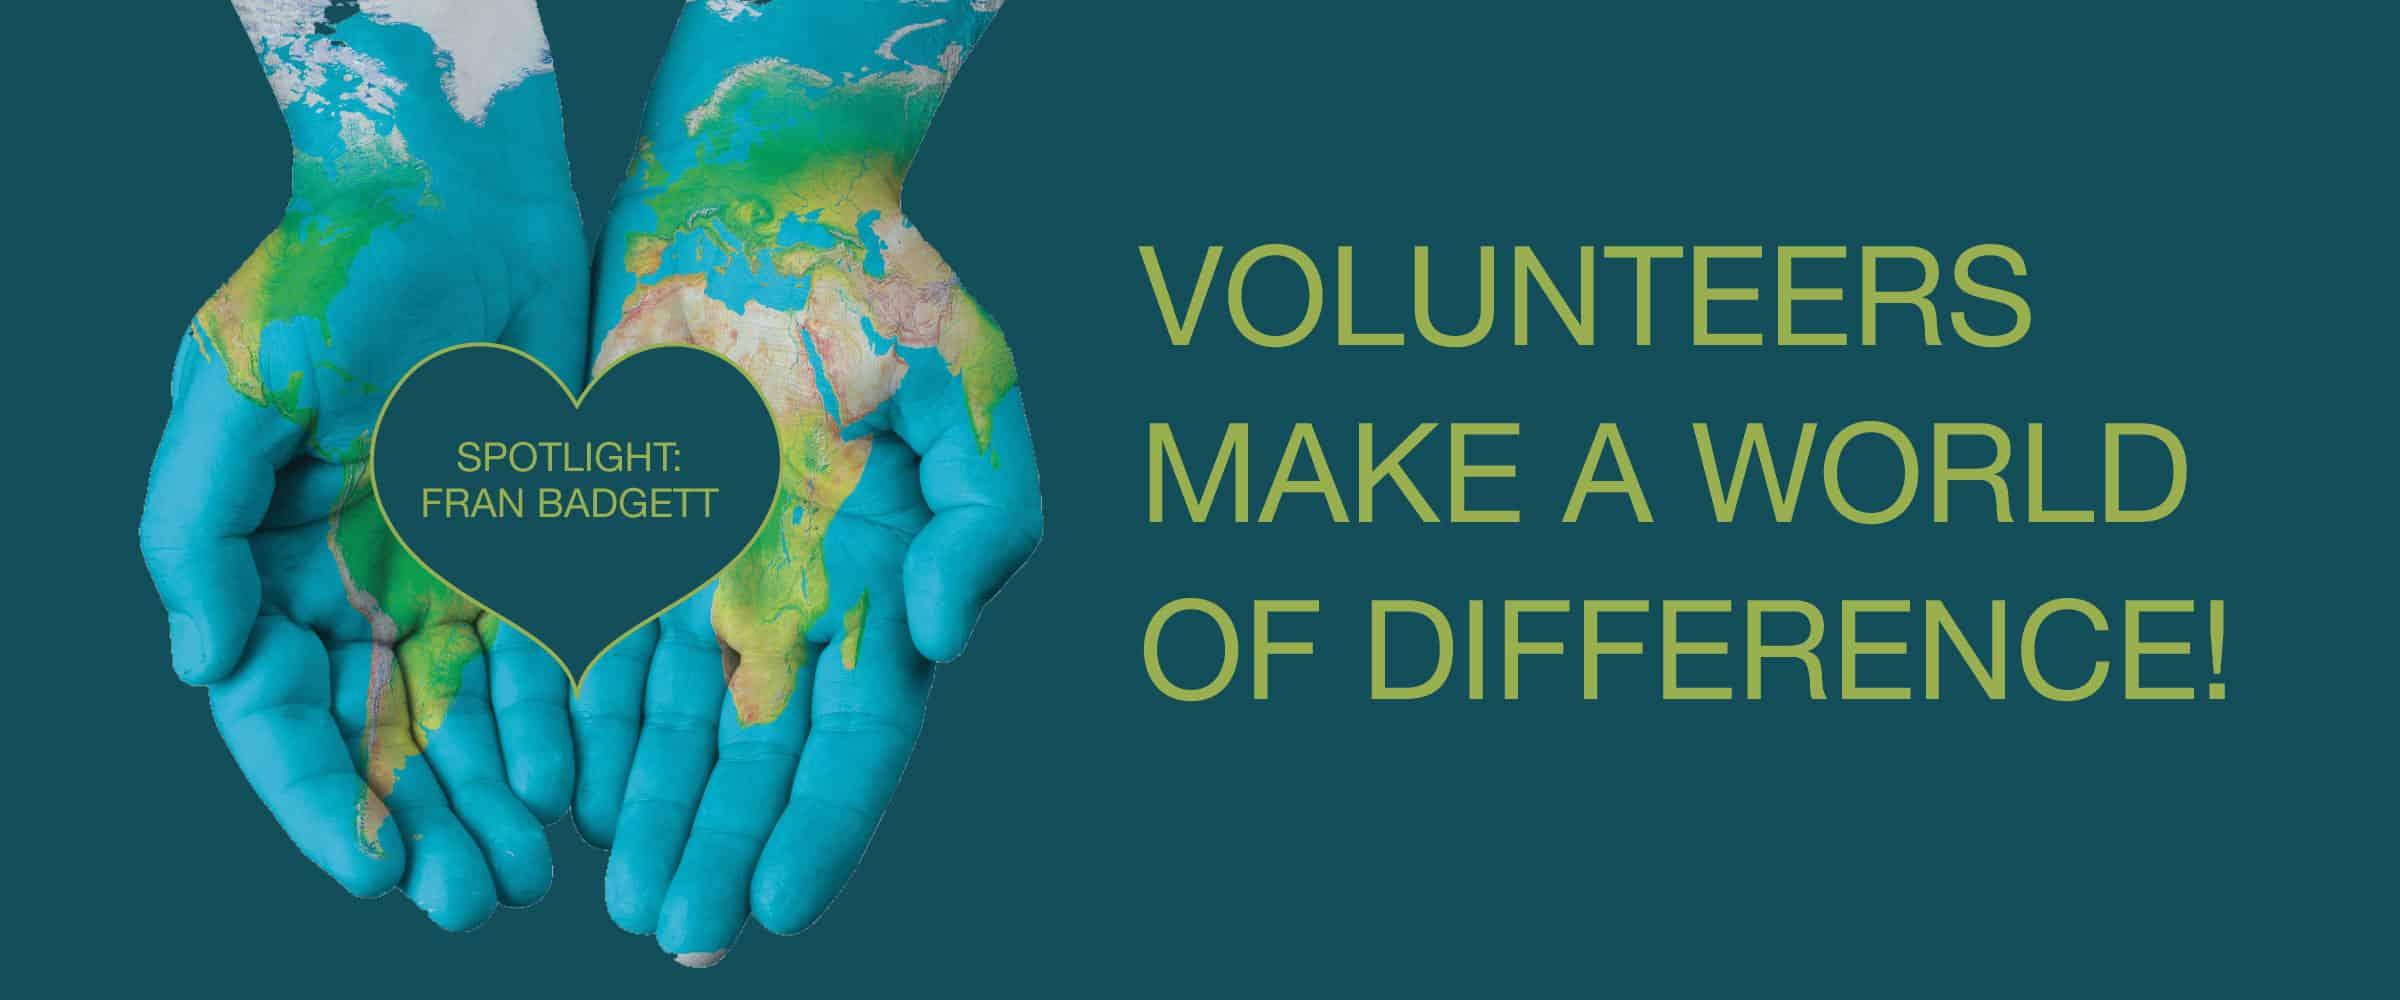 volunteer appreciation blog header fran badgett